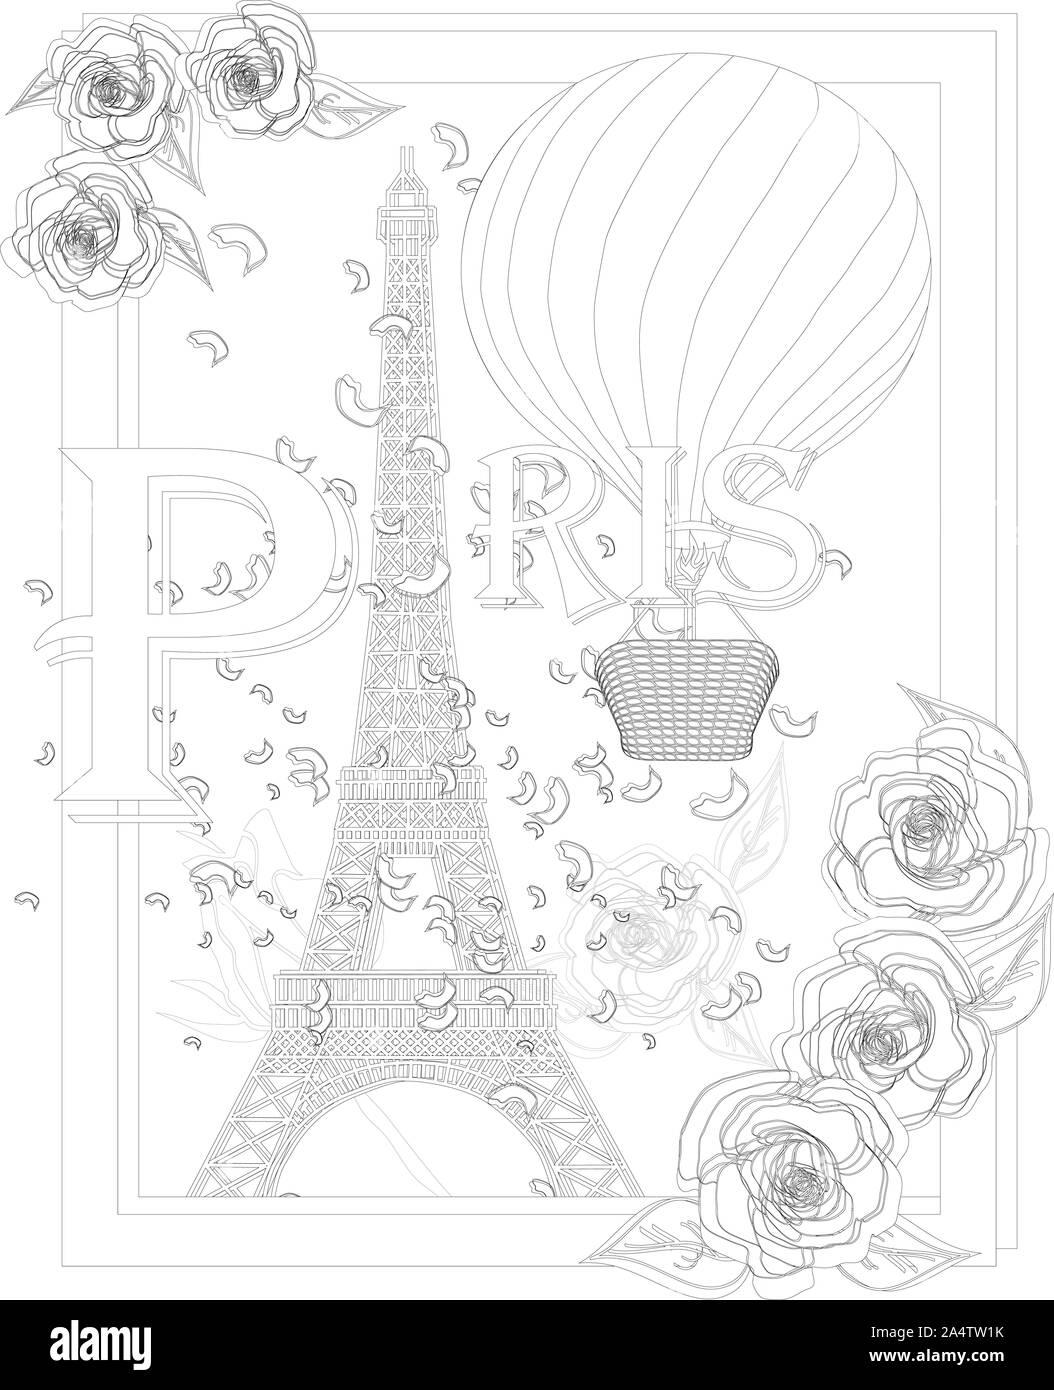 Pages De Coloriage Pour Adultes Banque D Image Et Photos Alamy